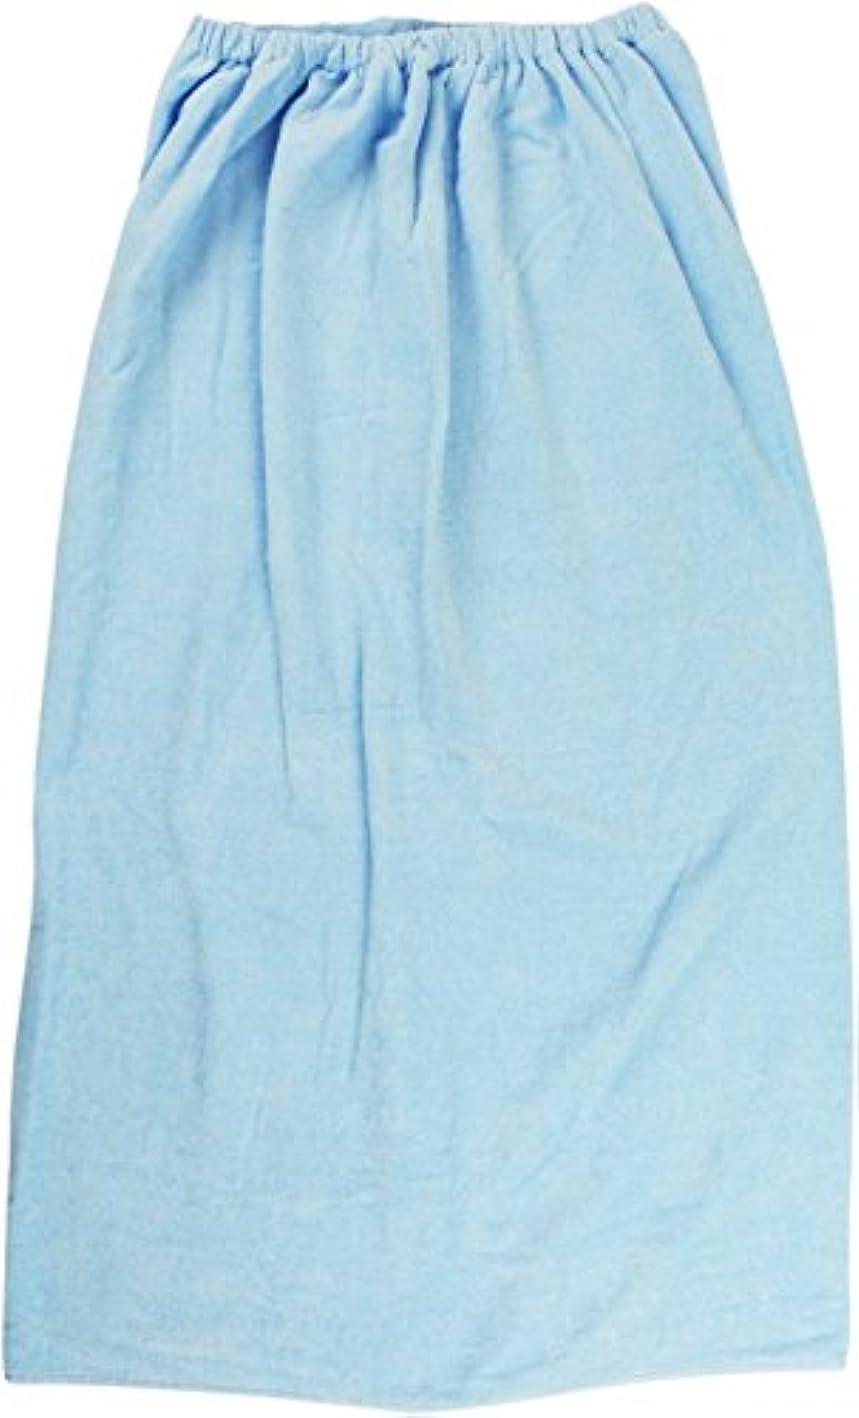 起訴するインタネットを見る怒り林(Hayashi) ラップタオル ブルー 約100×120cm シャーリングカラー 無地 MD454821